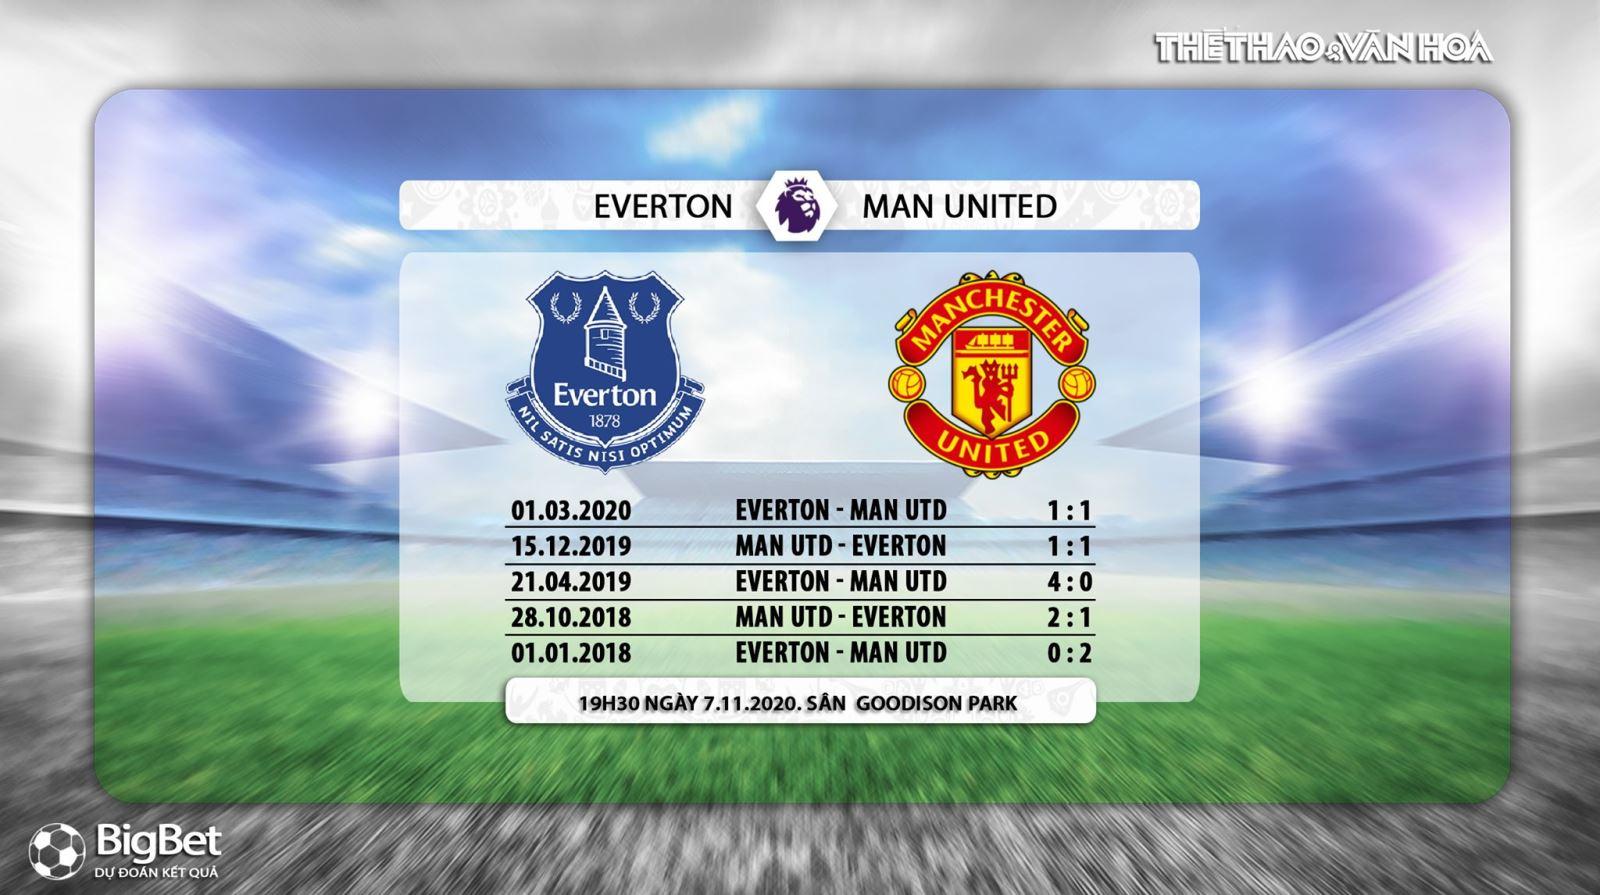 Truc tiep bong da, K+PM, Everton vs MU, chelsea vs Sheffield, Xem K+, xem trực tuyến bóng đá Anh, ngoại hạng Anh, lịch thi đấu bóng đá, tin tức bóng đá, BXH bóng đá Anh